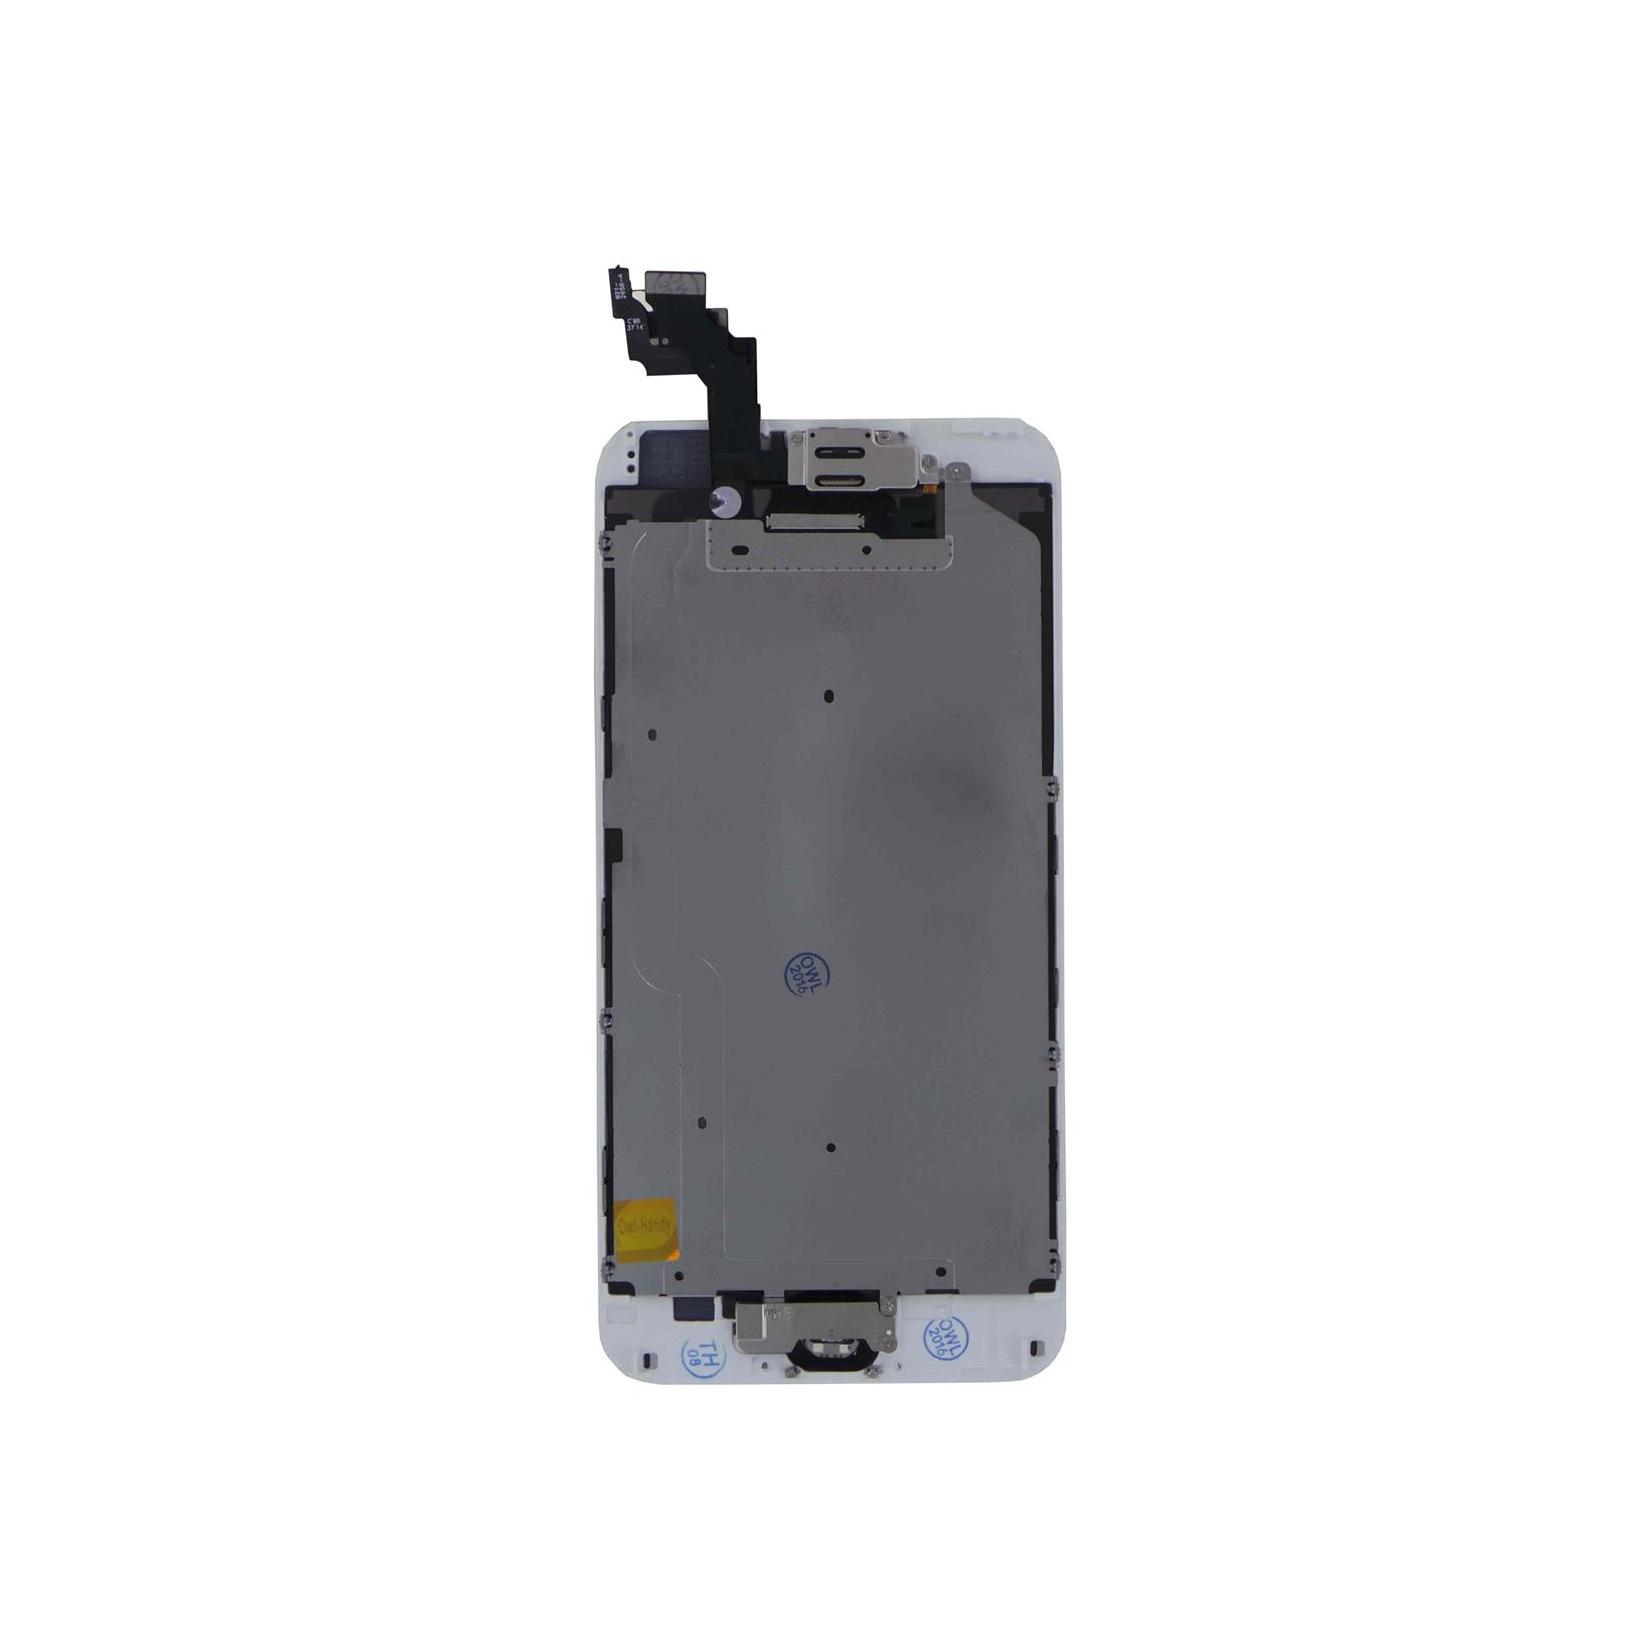 f r apple iphone 6 plus display homebutton lcd werkzeug wei vormonti